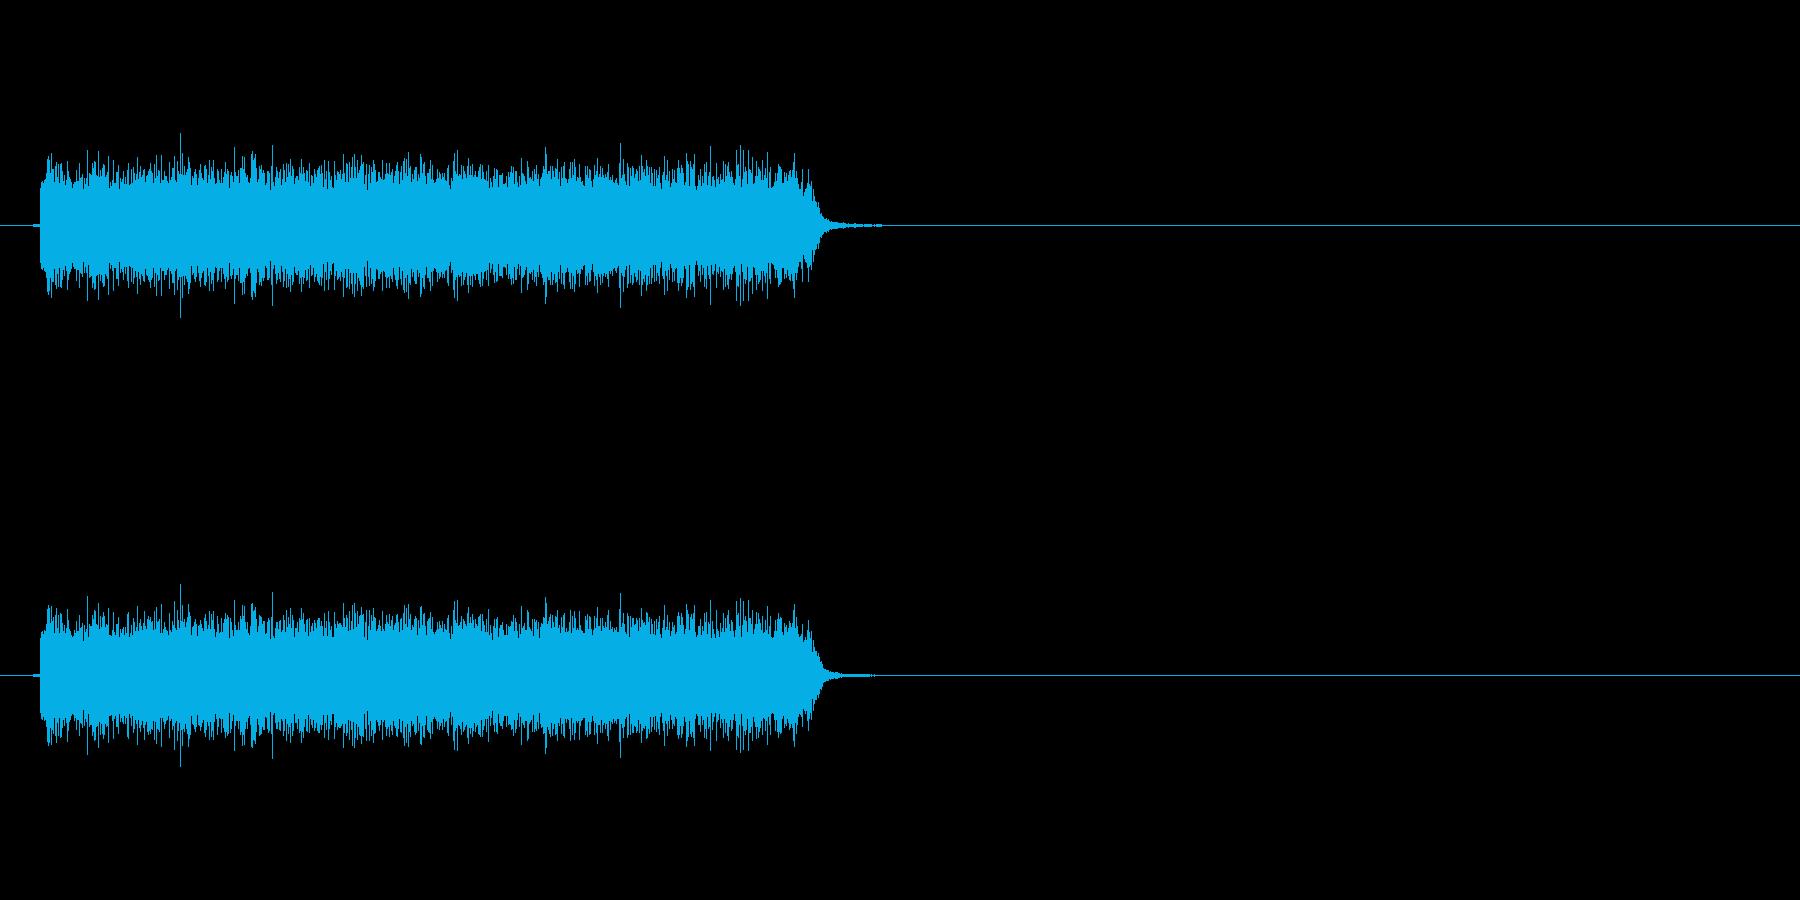 ロック曲等に使えるエレキギター効果音2の再生済みの波形